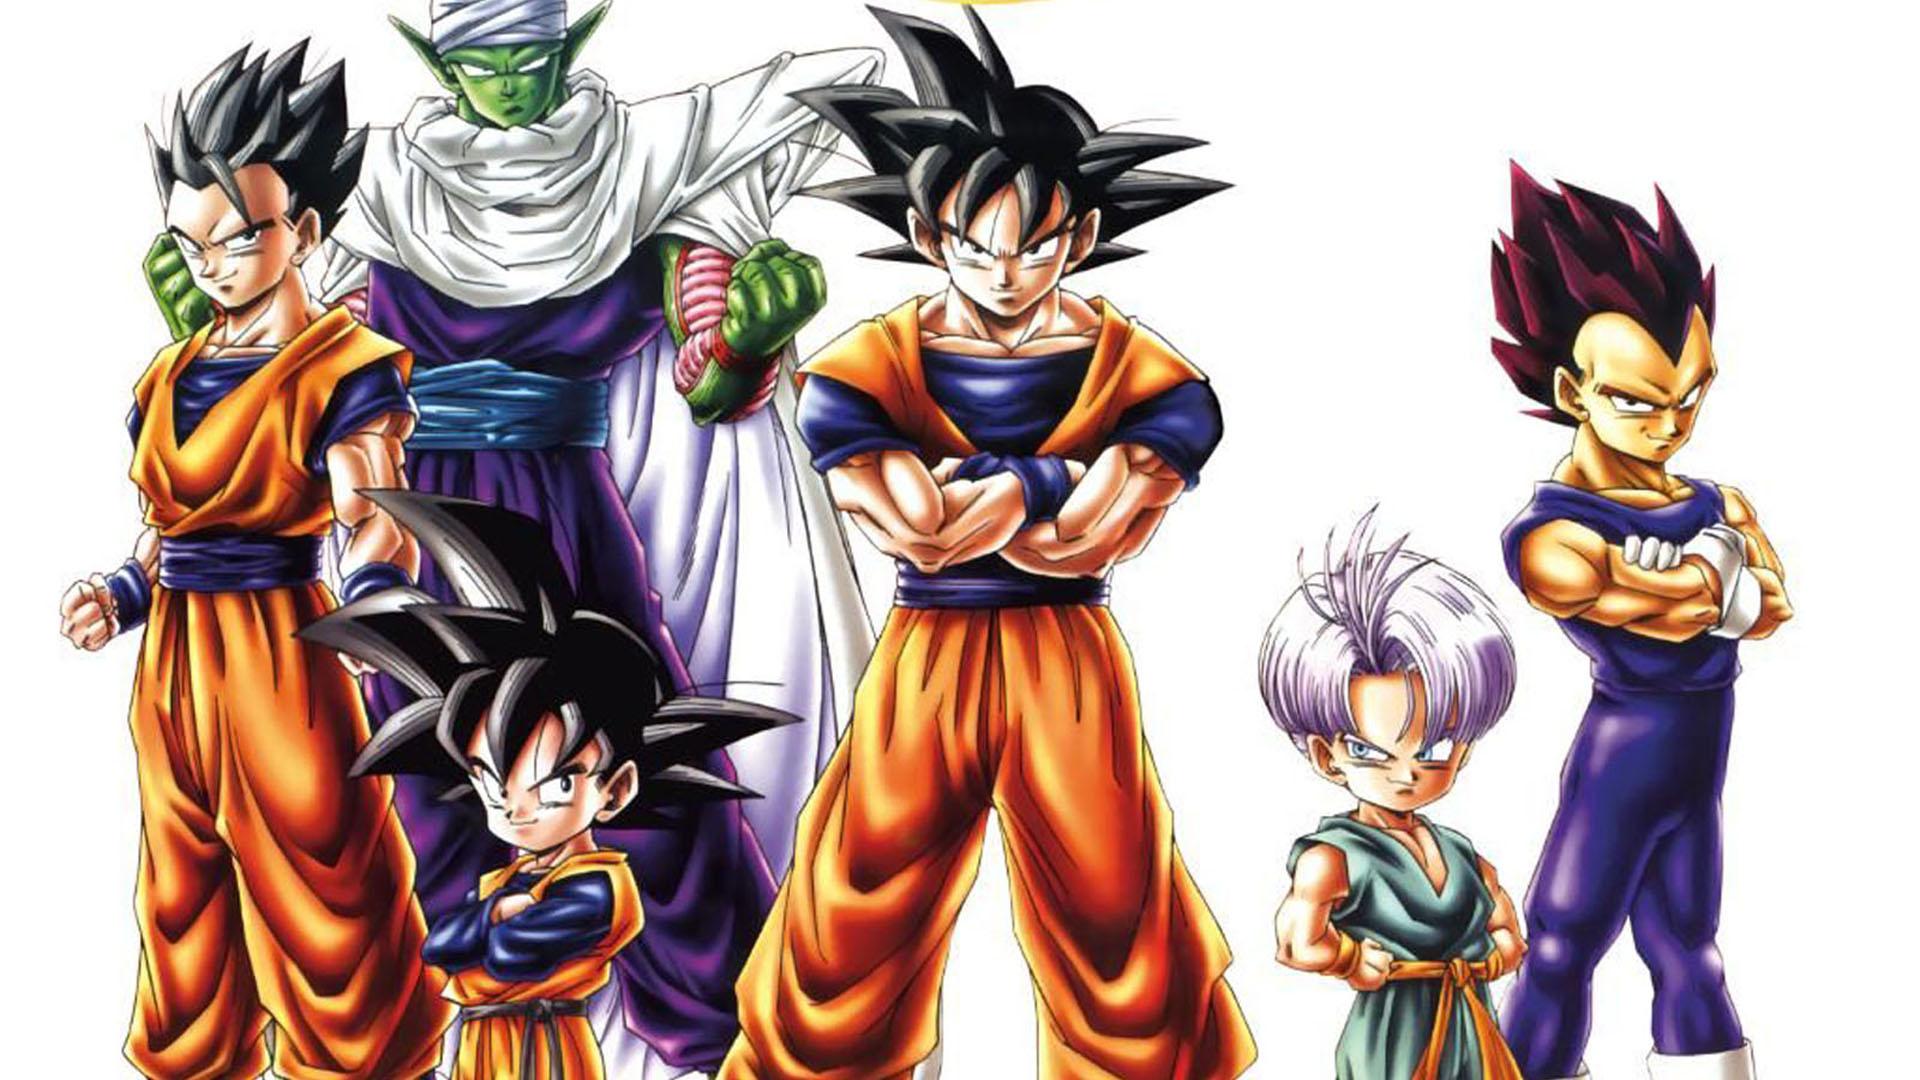 Dragon Ball Z Wallpapers Hd 10